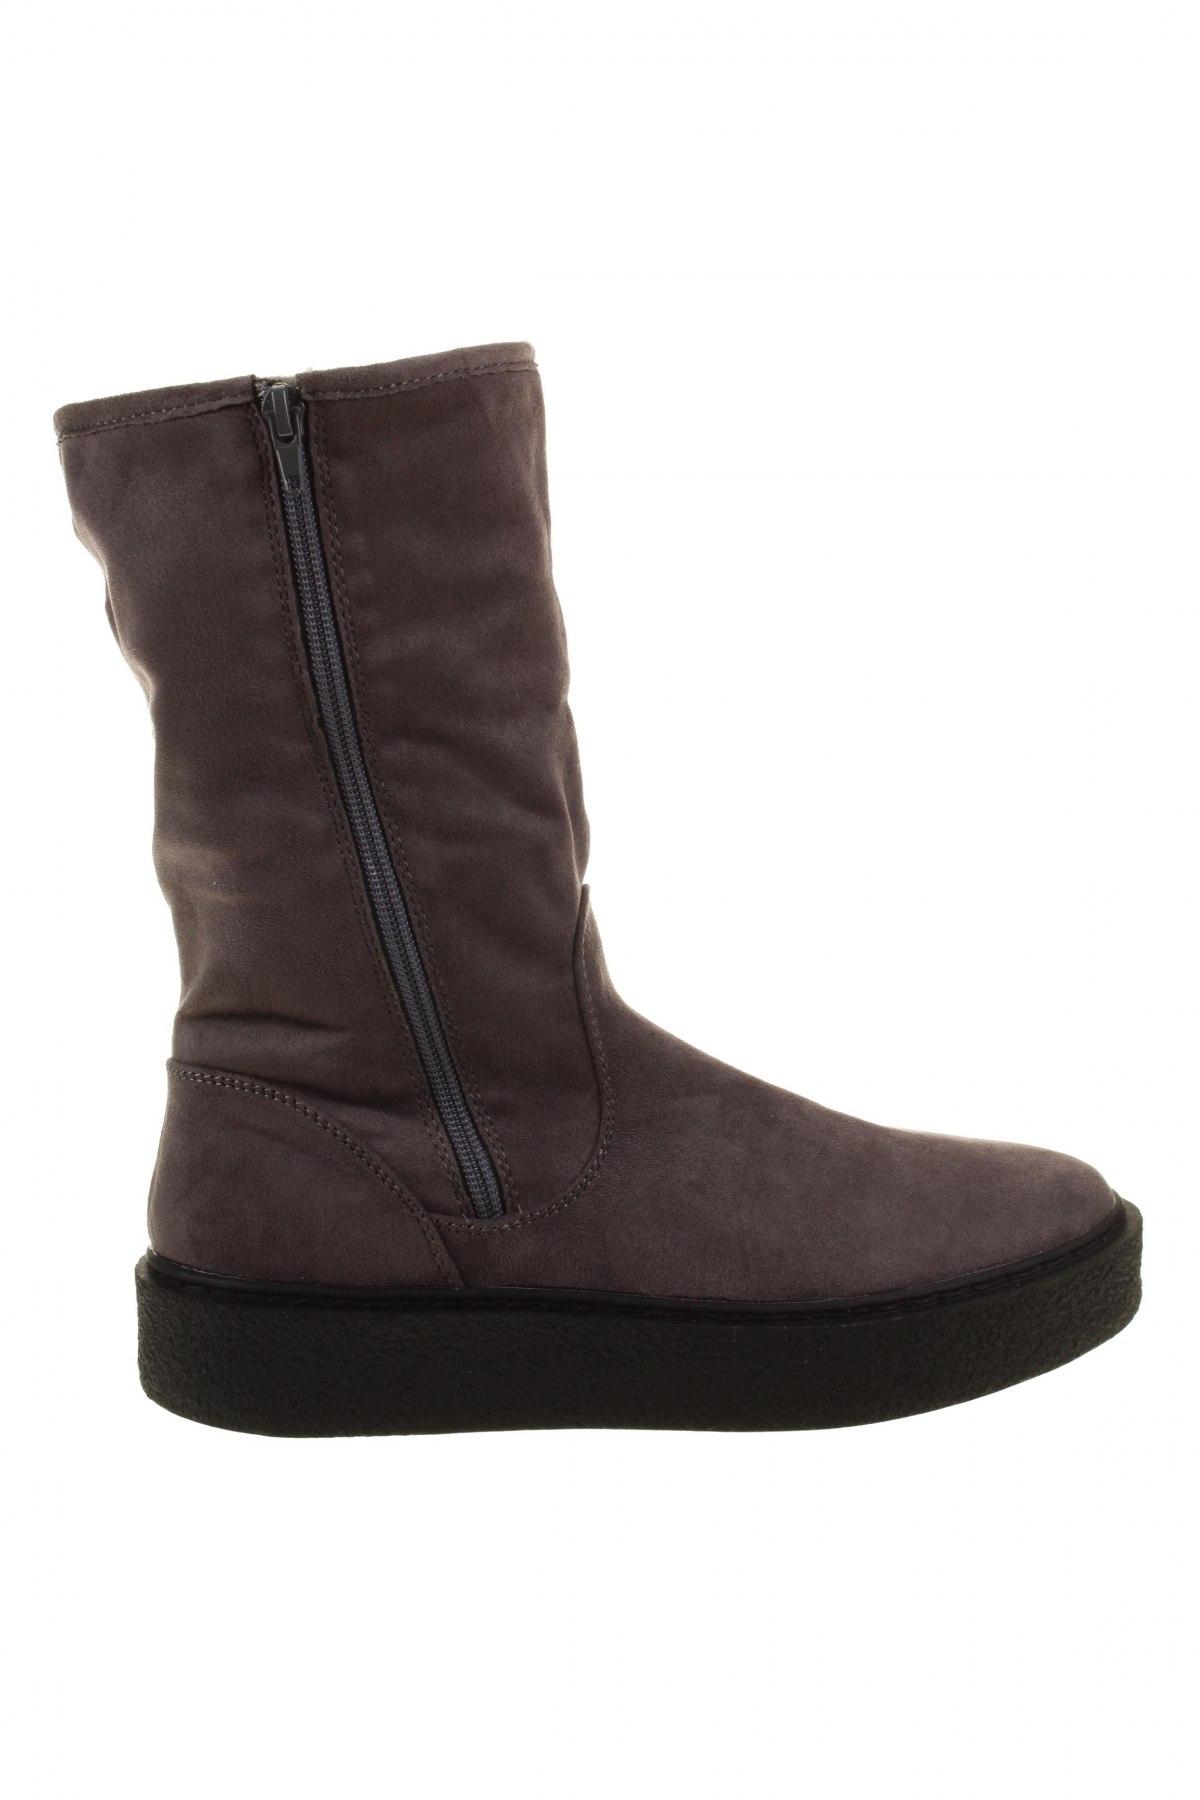 6942948347ee Dámske topánky Buffalo - za výhodnú cenu na Remix -  102685559